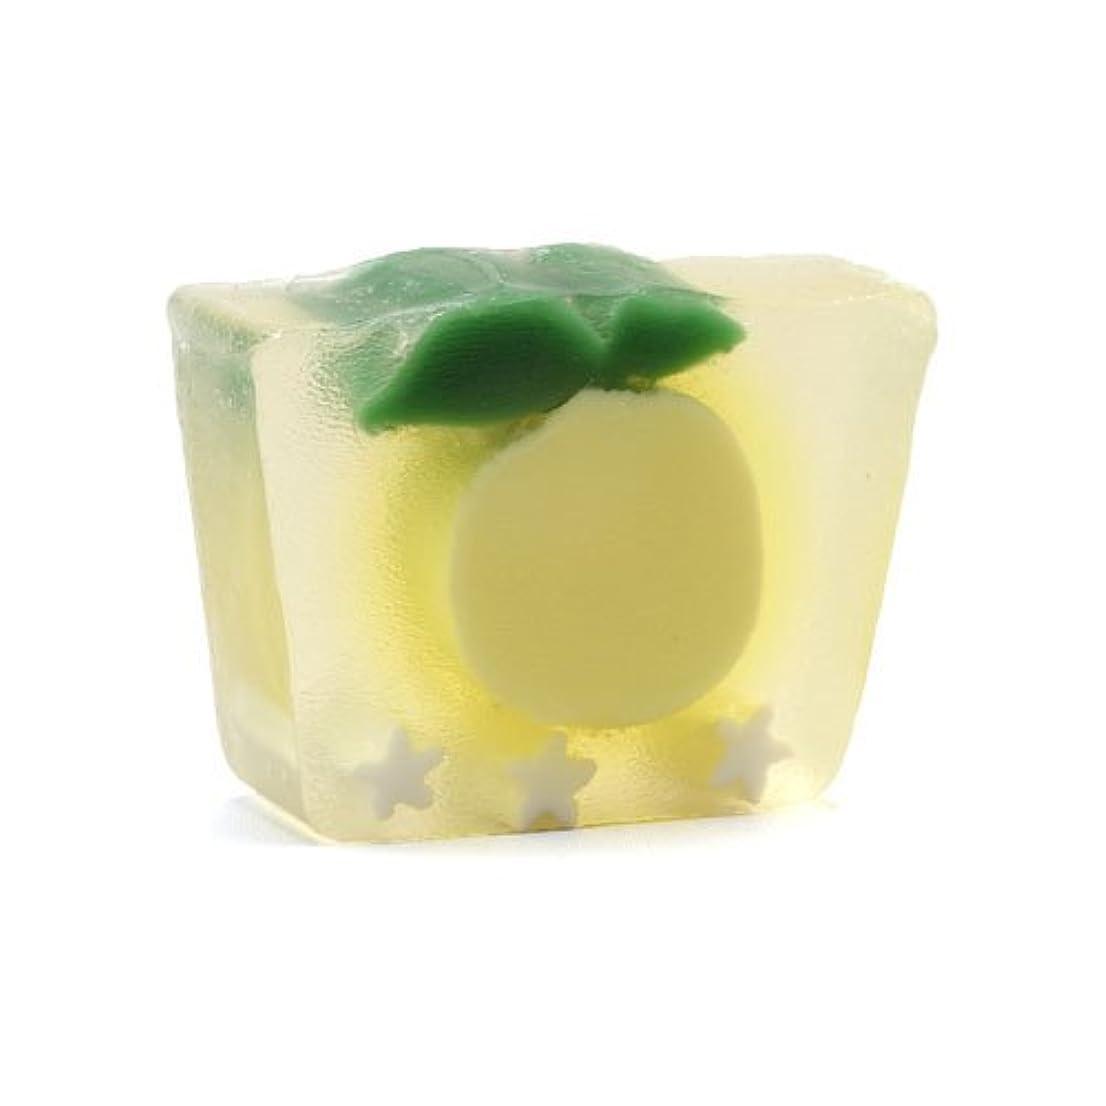 同種の手入れ悪党プライモールエレメンツ アロマティック ミニソープ カリフォルニアレモン 80g 植物性 ナチュラル 石鹸 無添加